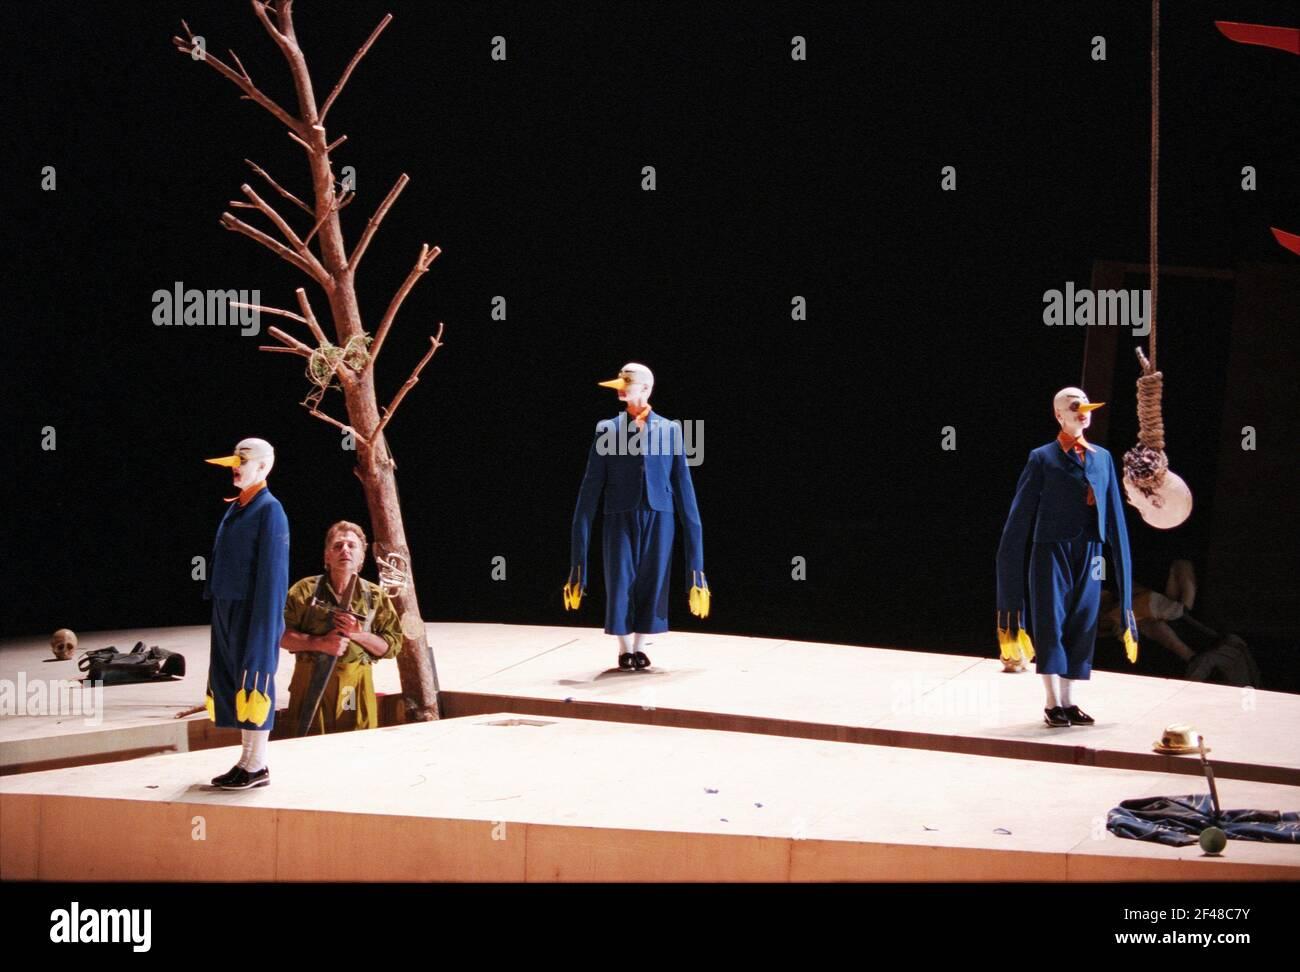 Siegfried Jerusalem (Siegfried) avec Forest Birds à SIEGFRIED par Wagner à l'Opéra Royal, Covent Garden, Londres WC2 27/03/1995 chef d'orchestre: Bernard Haitink design: Nigel Lowery éclairage: Pat Collins mouvement: Matthew Hamilton directeur: Richard Jones Banque D'Images